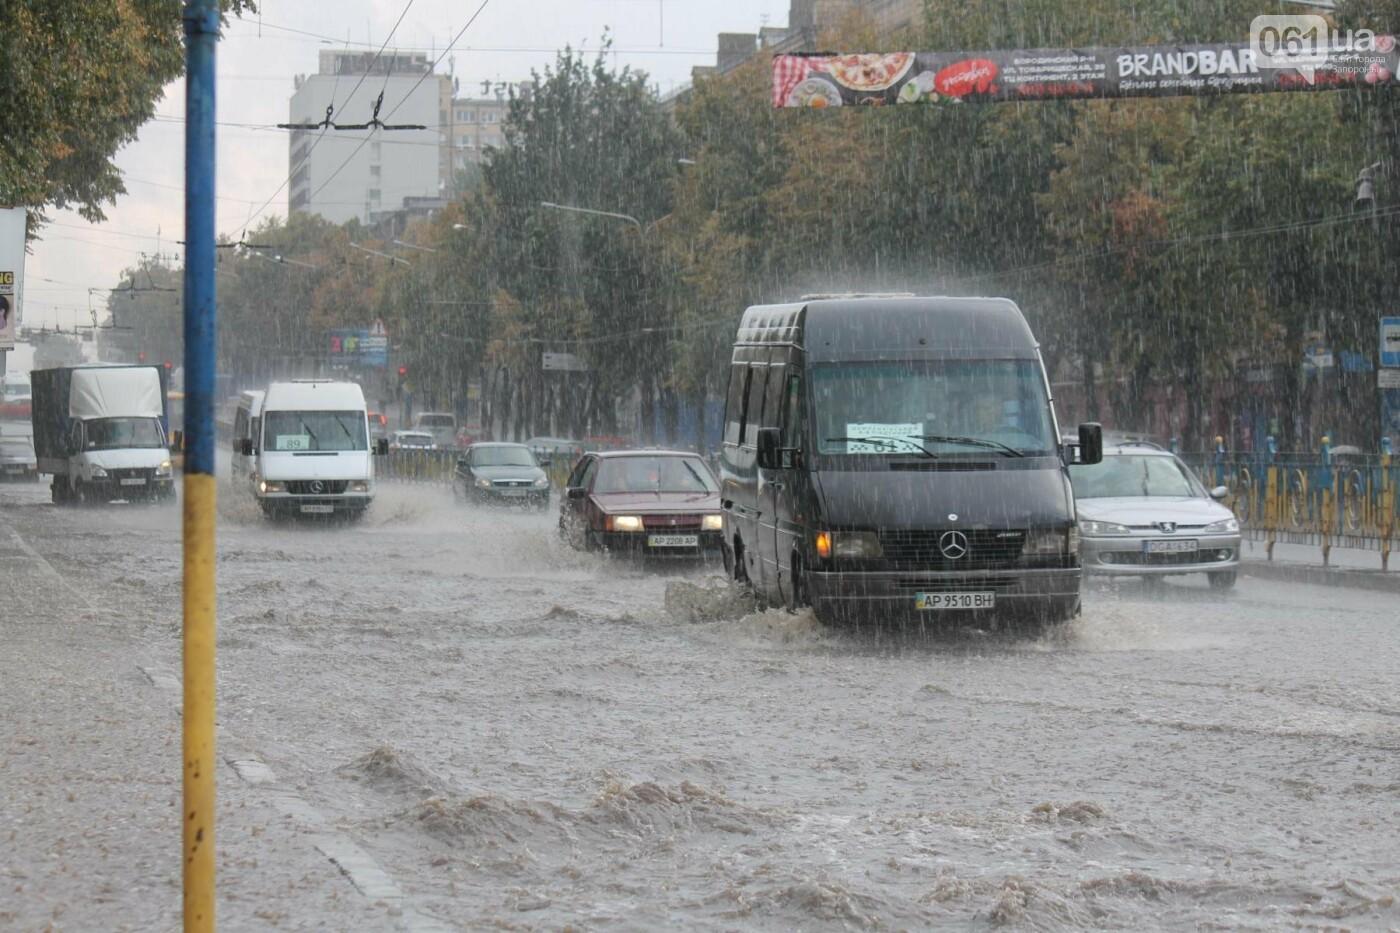 Запорожье накрыл мощный ливень: улицы затопило, люди насквозь промокли, – ФОТОРЕПОРТАЖ, фото-13